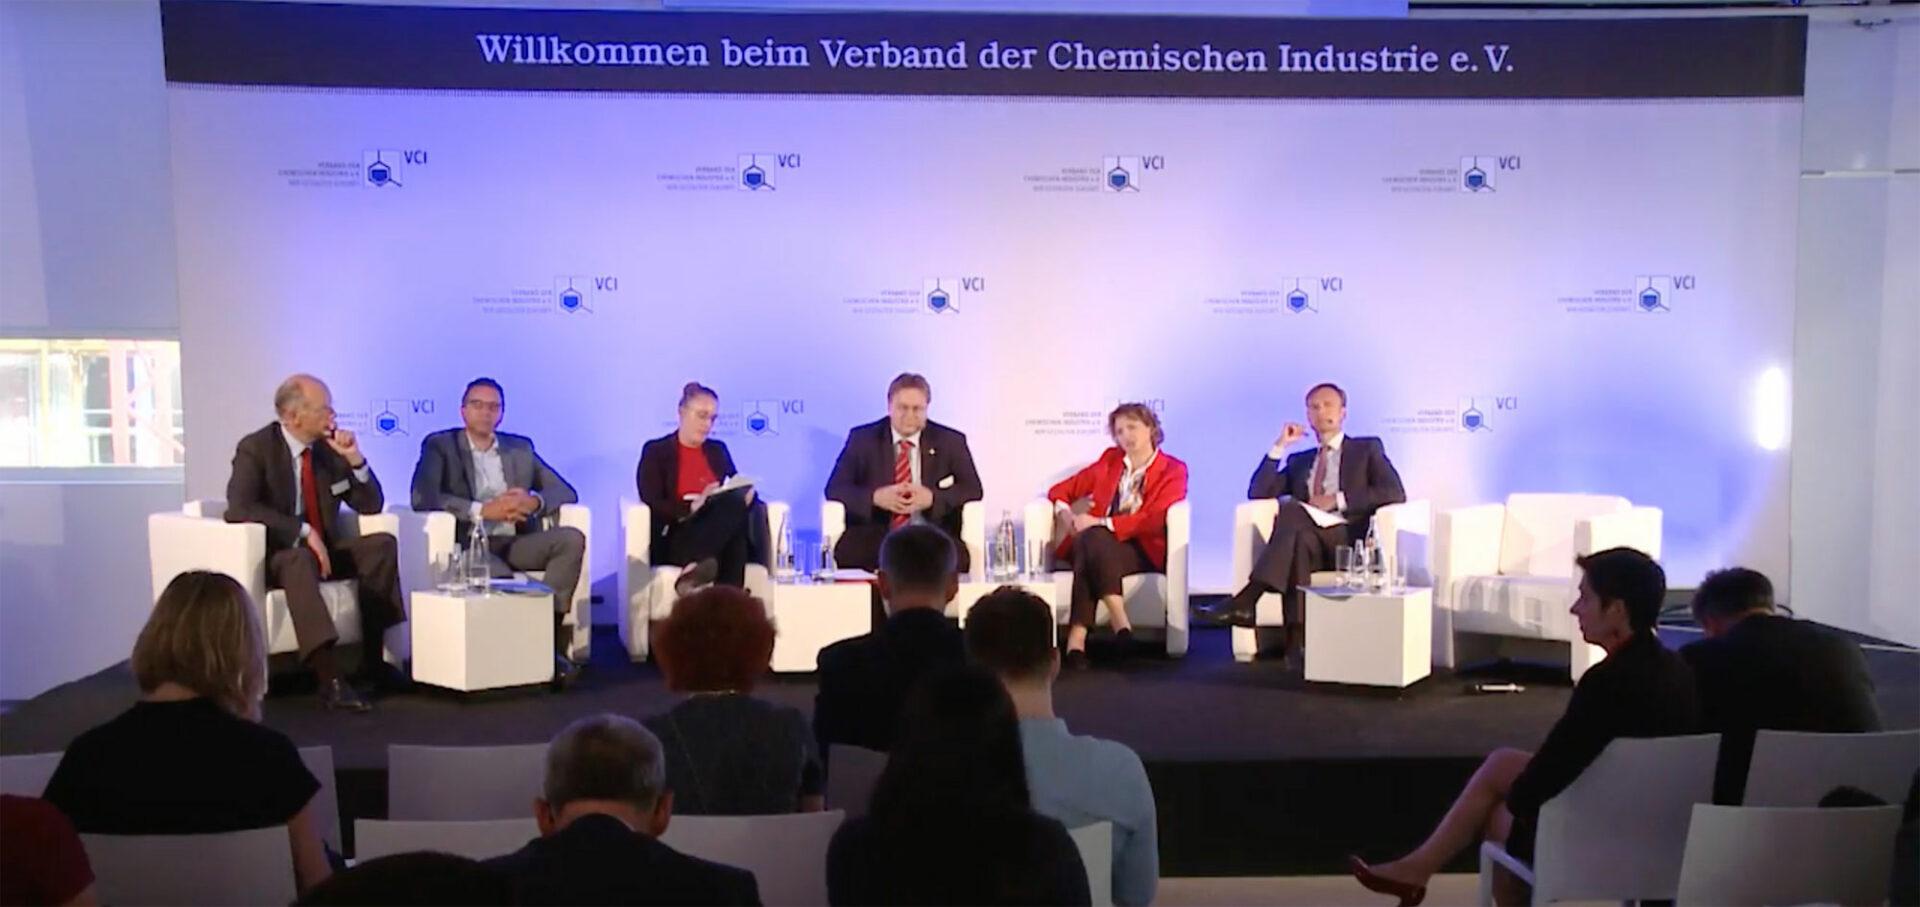 Contentflow streamt Diskussion des Verbandes der Chemischen Industrie (VCI)